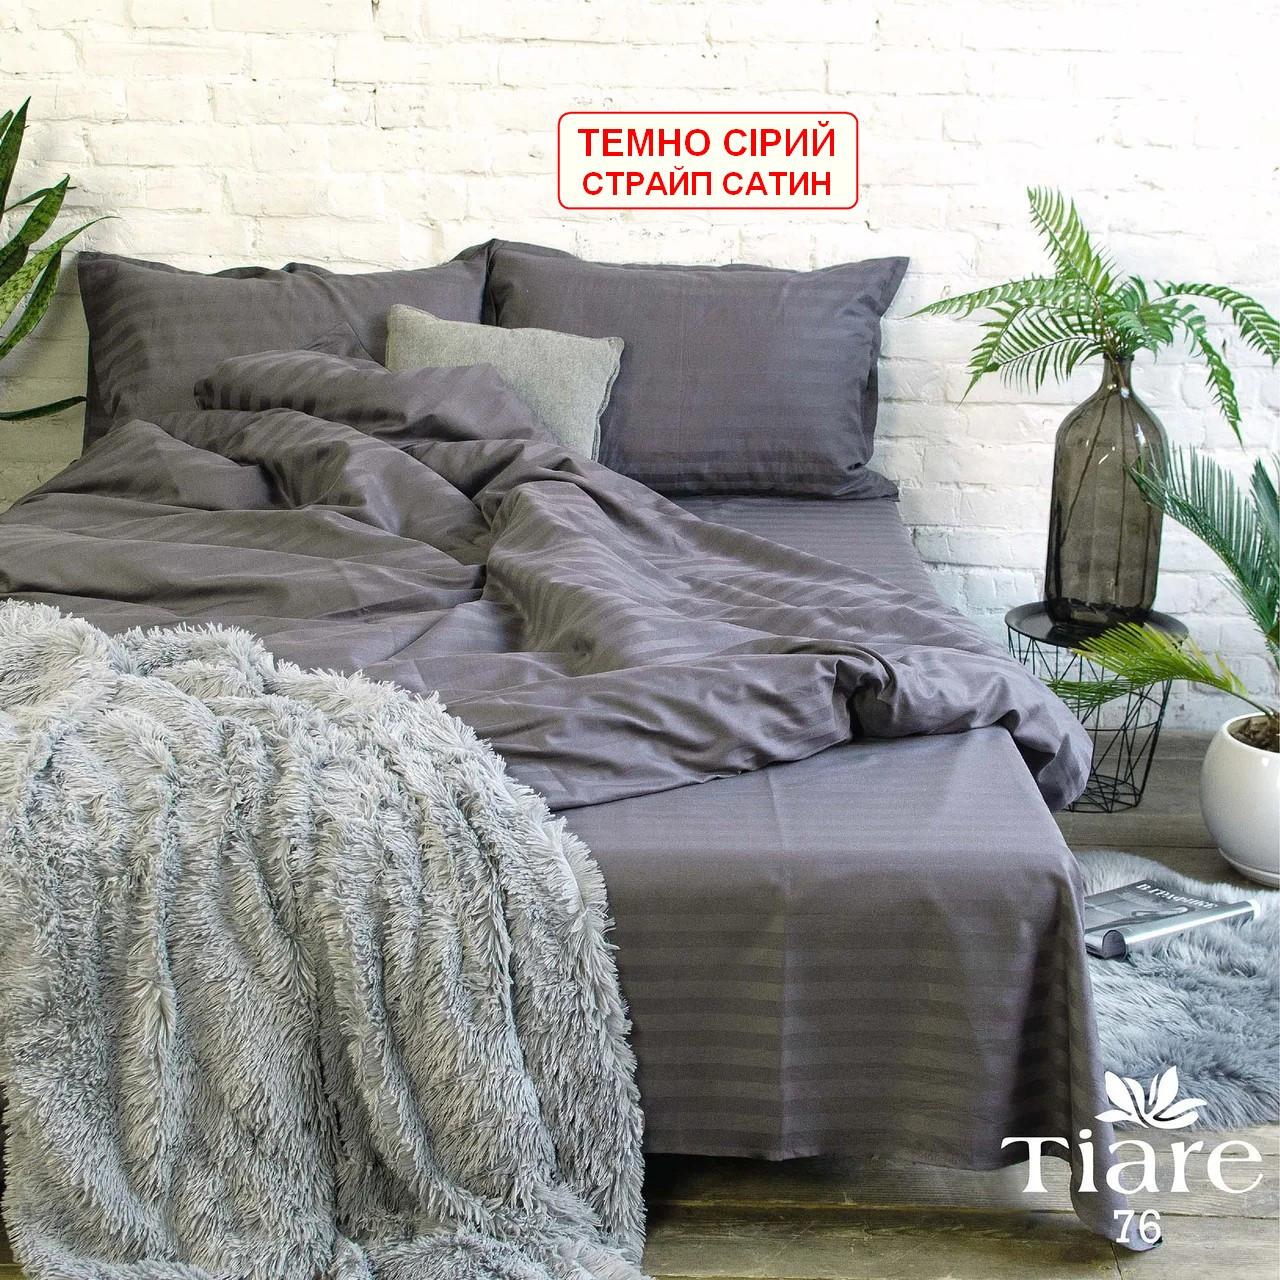 Набор постельного белья из страйп сатина - Темно серый